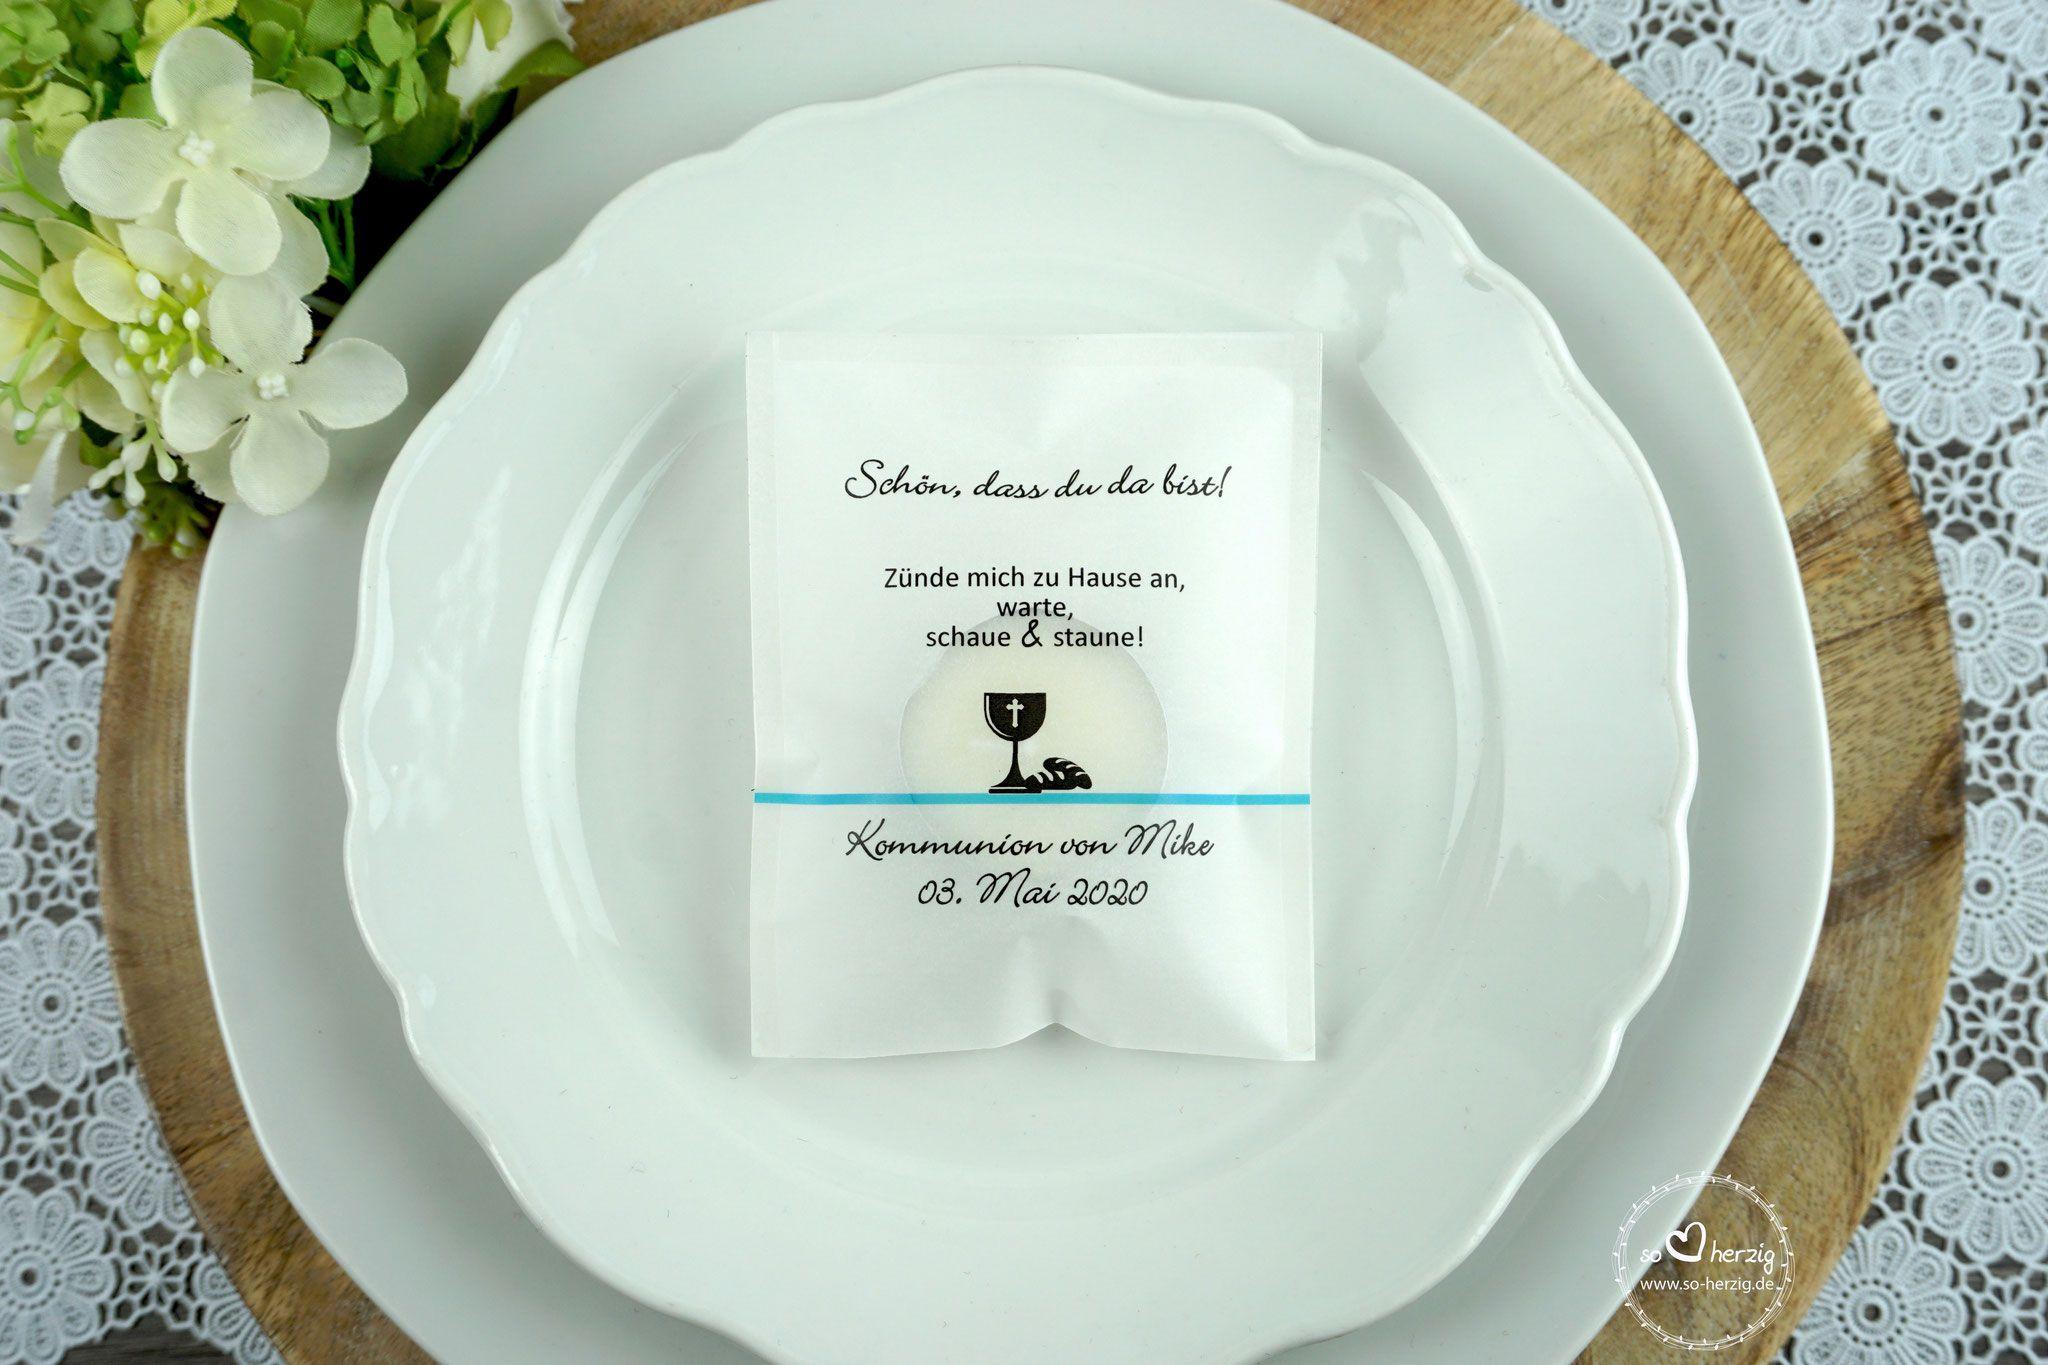 dass Du da bist Hochzeit Taufe Geburt Geburtstag Kommunion Konfirmation 25 Geschenkanh/änger Papieranh/änger Tags Etiketten Sch/ön